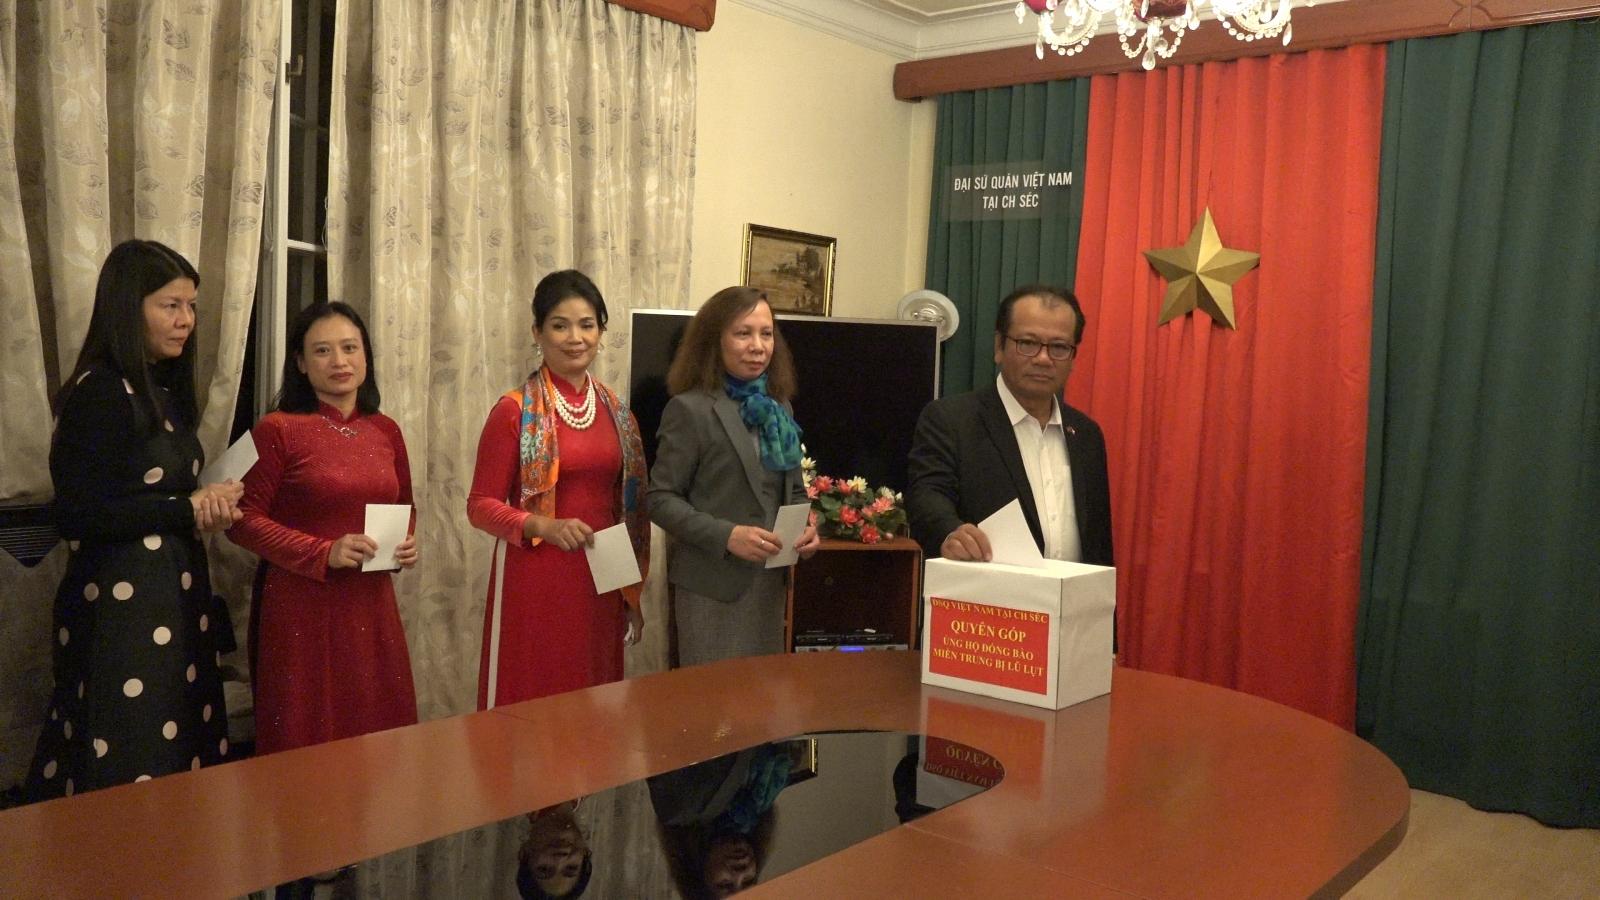 Đại sứ quán Việt Nam tại Séc quyên góp ủng hộ đồng bào miền Trung